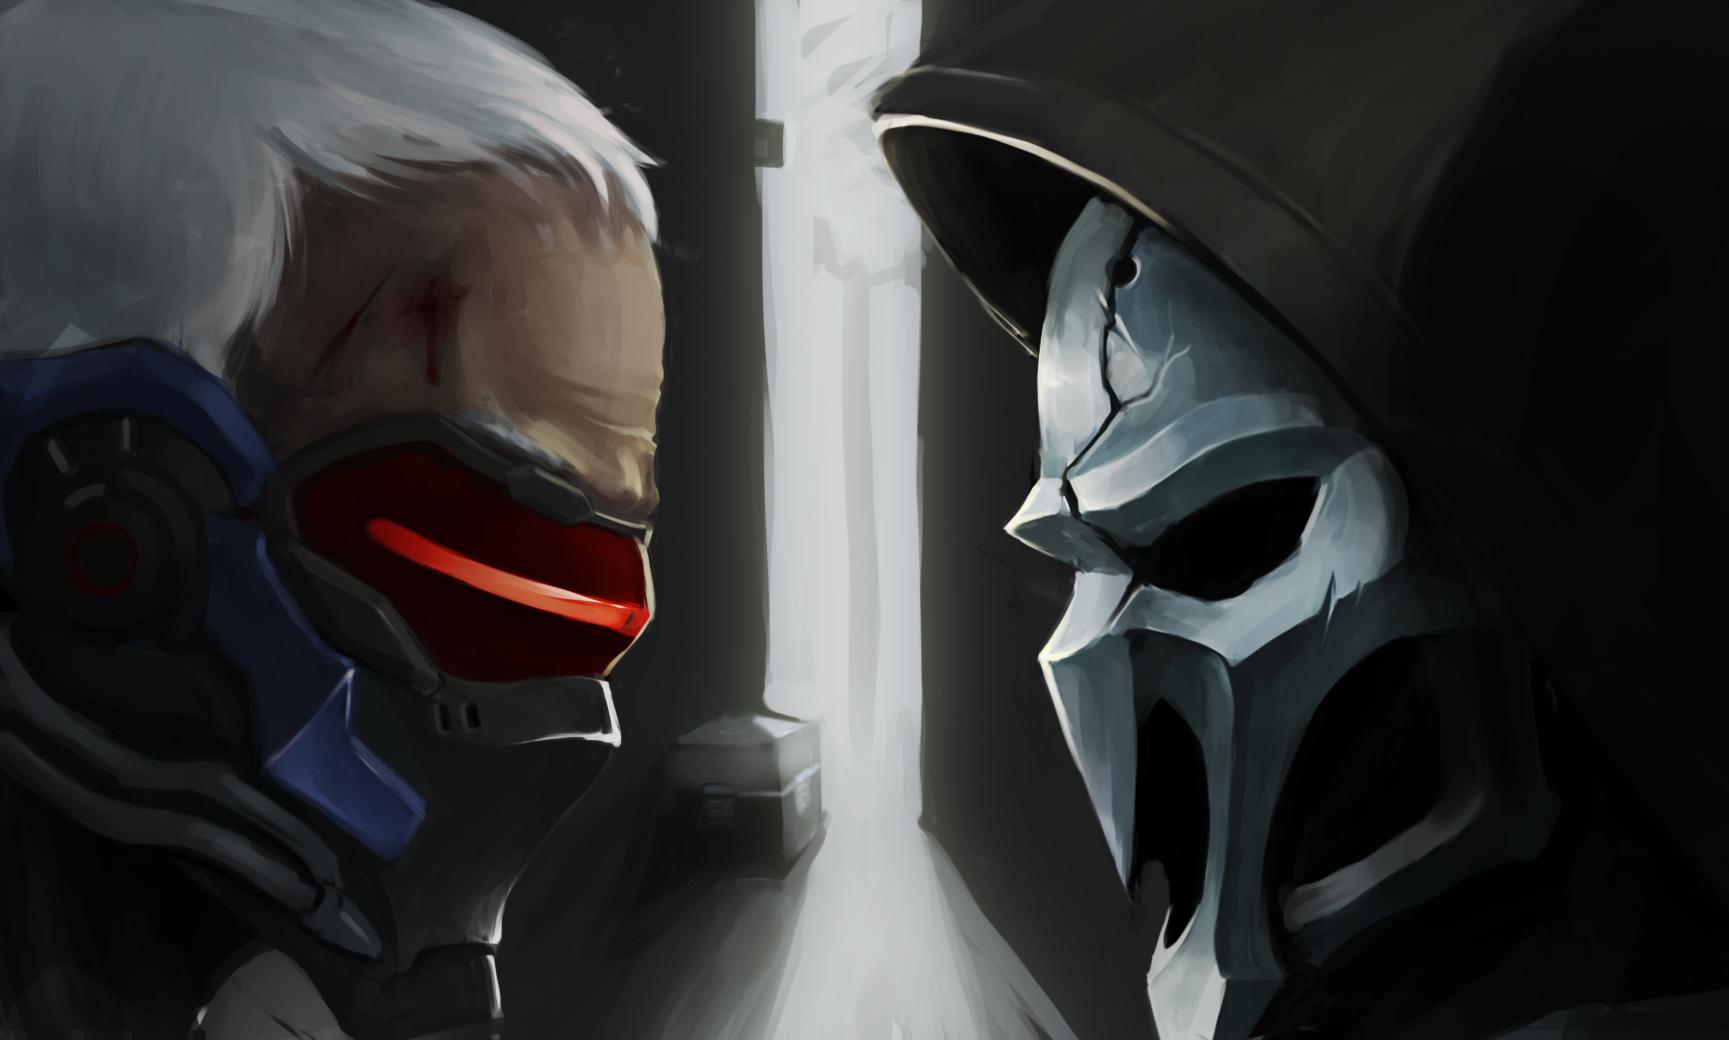 Wallpaper Soldier 76 Reaper Overwatch Video Games